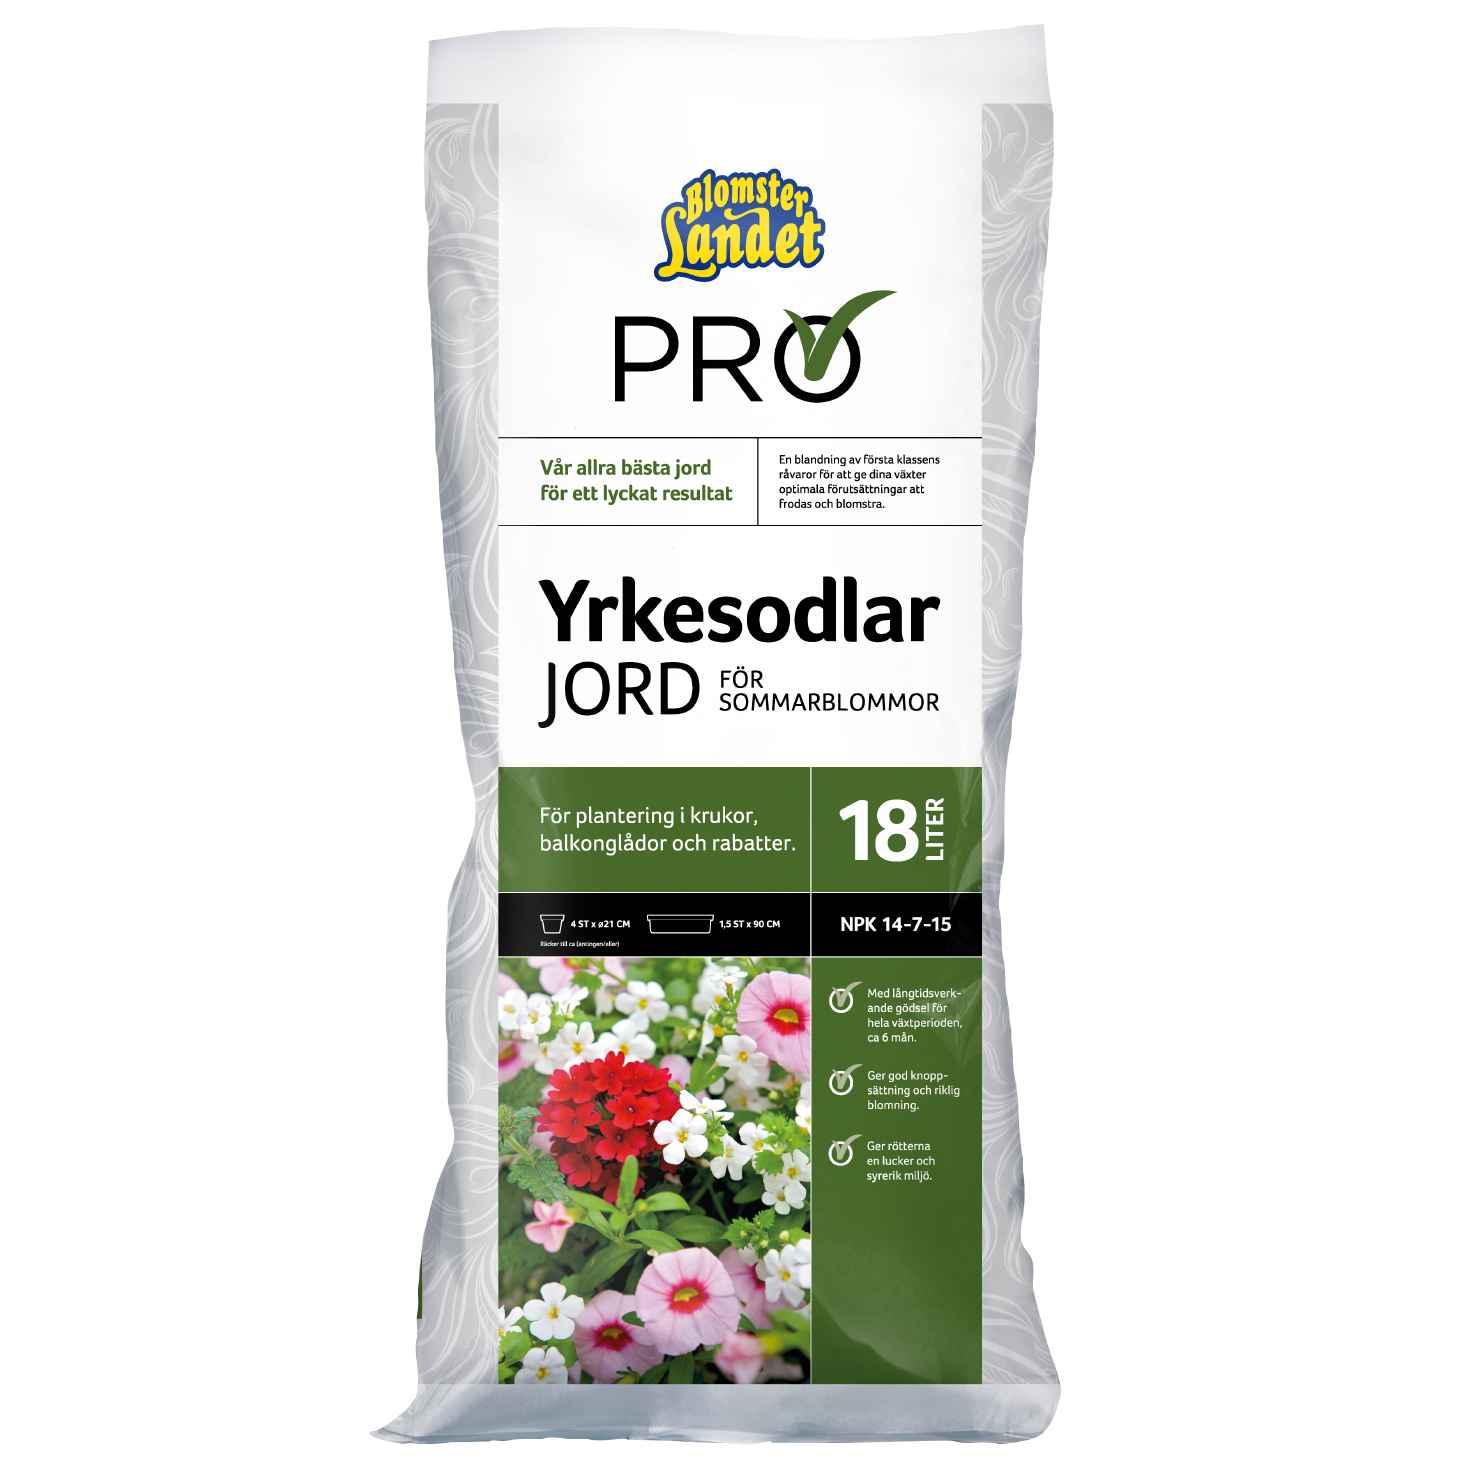 Produktbild 2 på Yrkesodlarjord för sommarblommor Blomsterlandet PRO